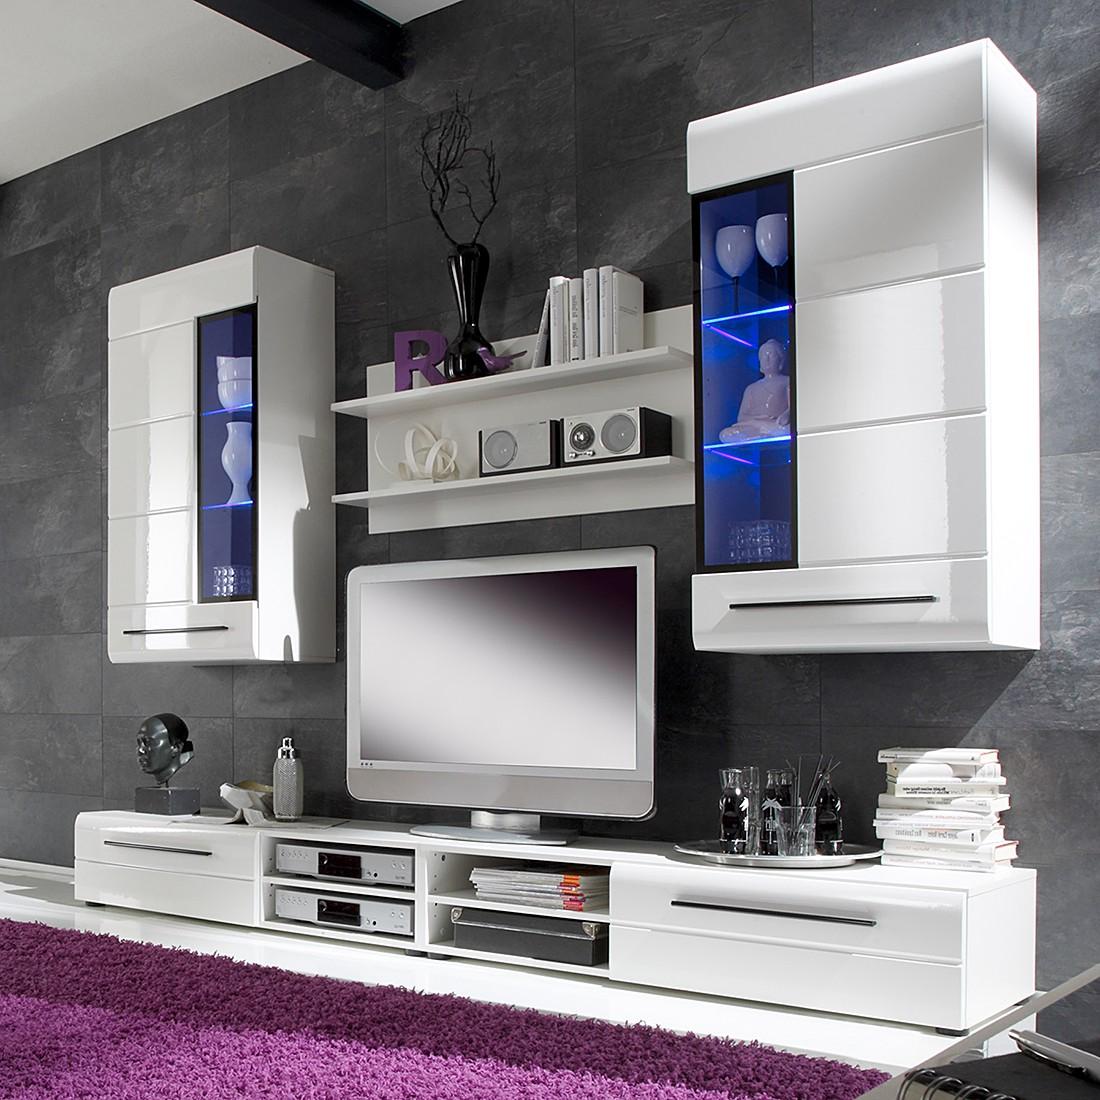 Schön Mobile Wohnwand In Einer Kleinen Wohnung In New York